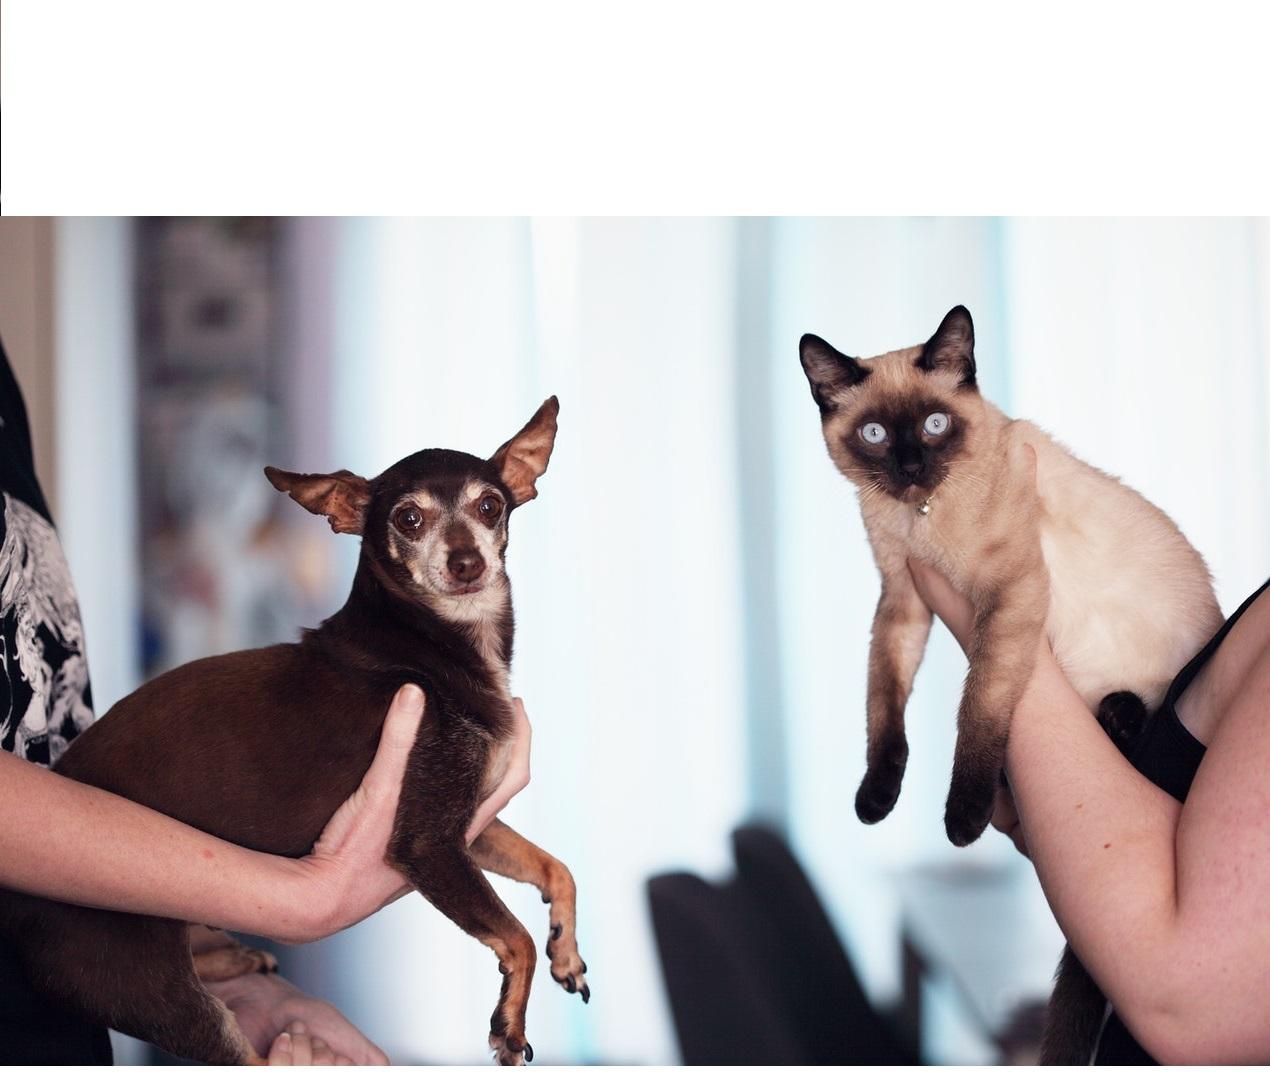 Gyvūnų elgesio specialistas - profesija iš aistros